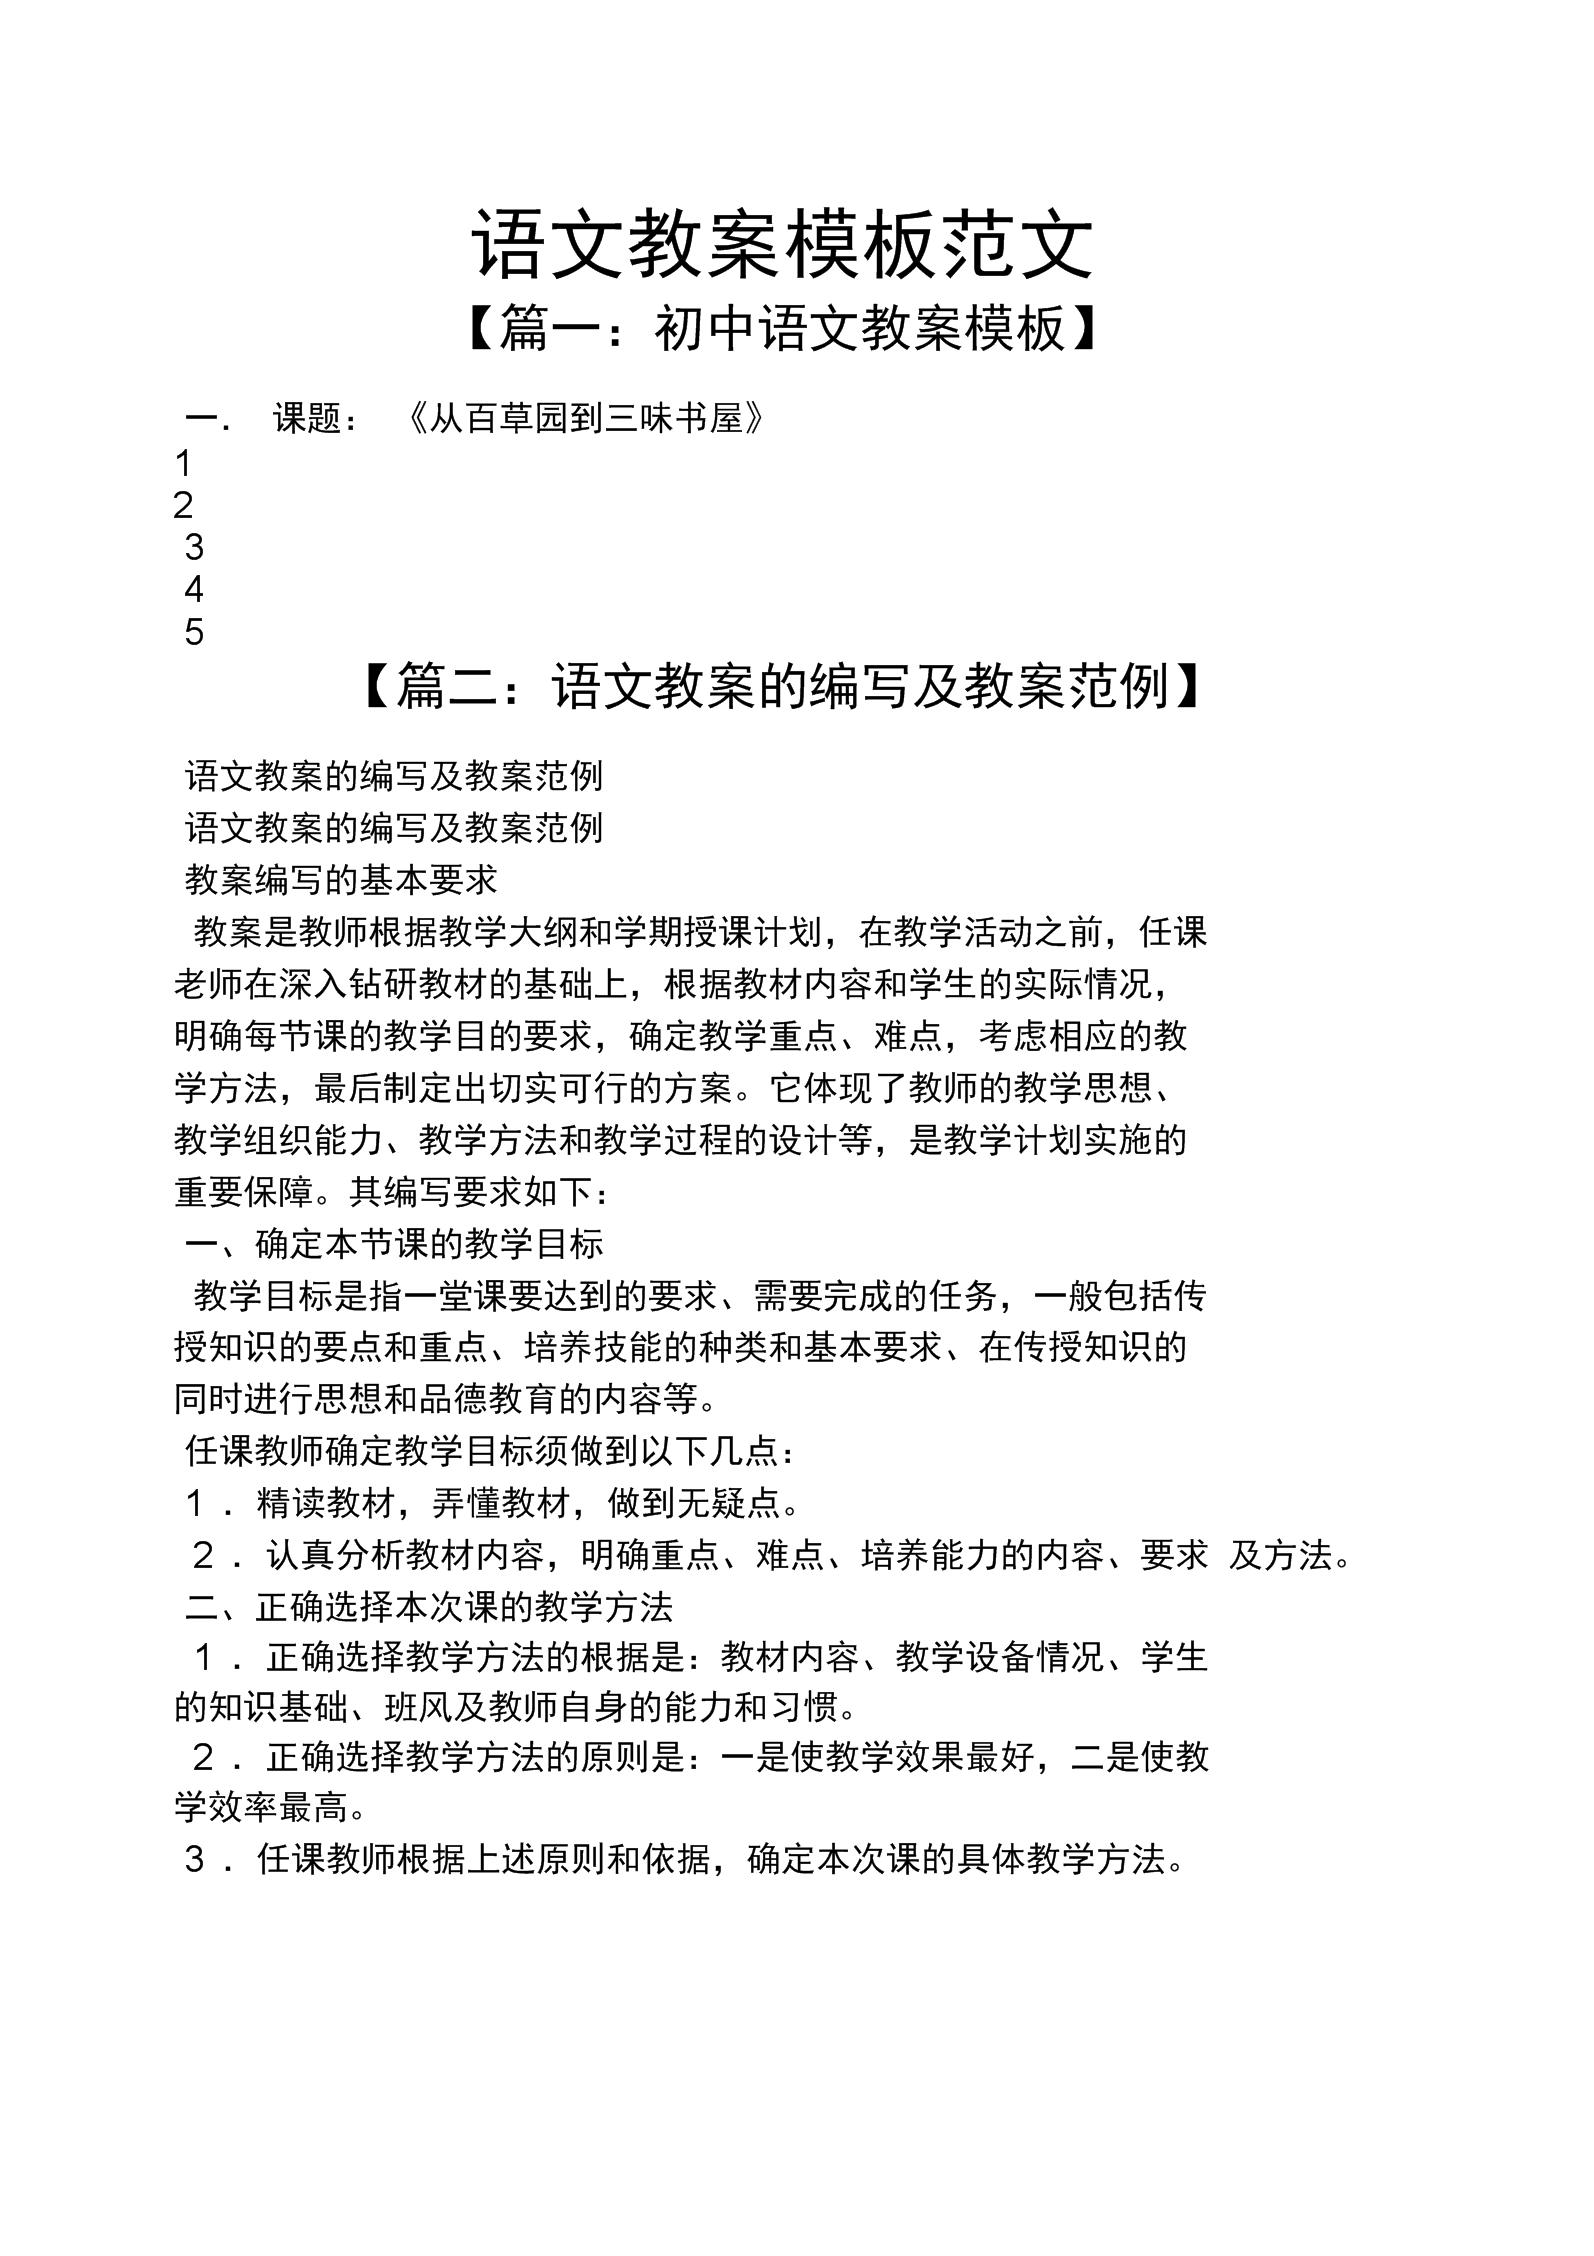 語文教案模板范文.docx